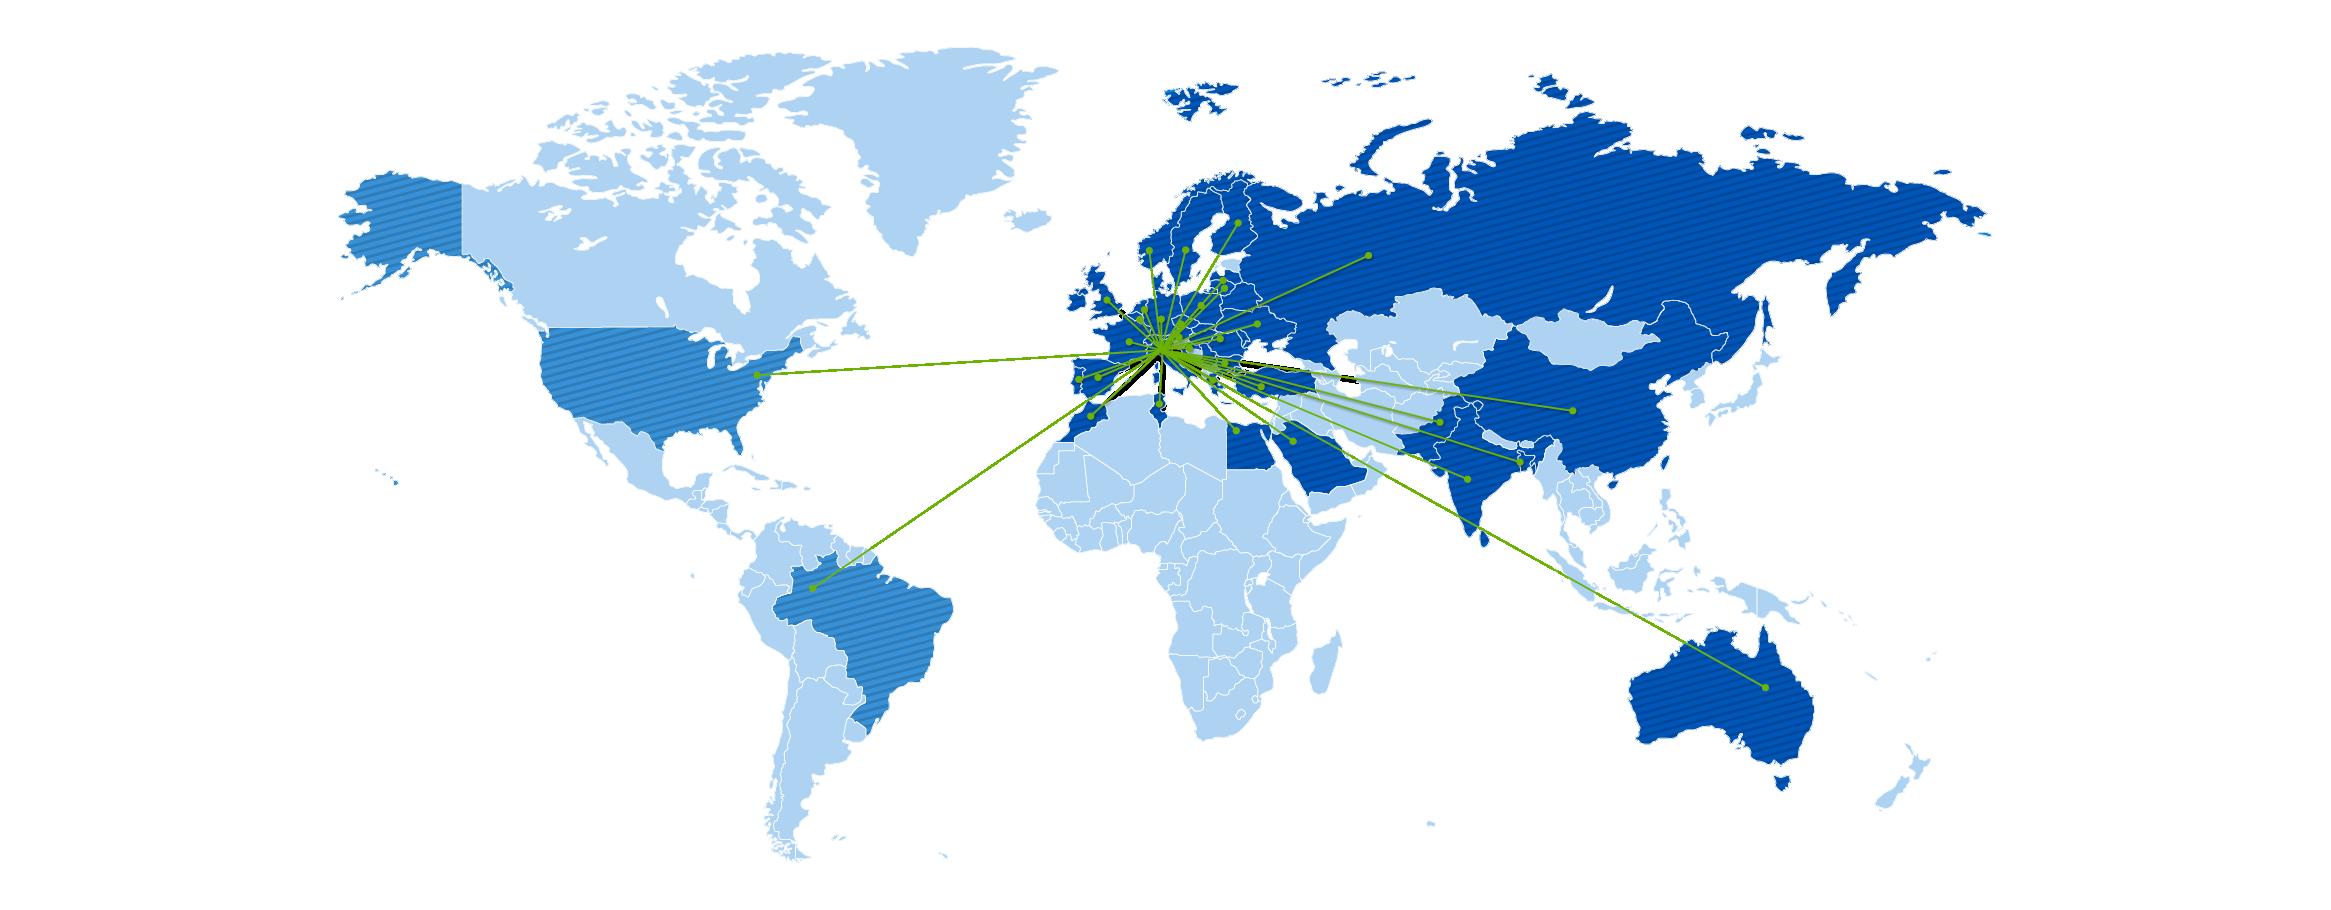 packaging-international-manufacturing